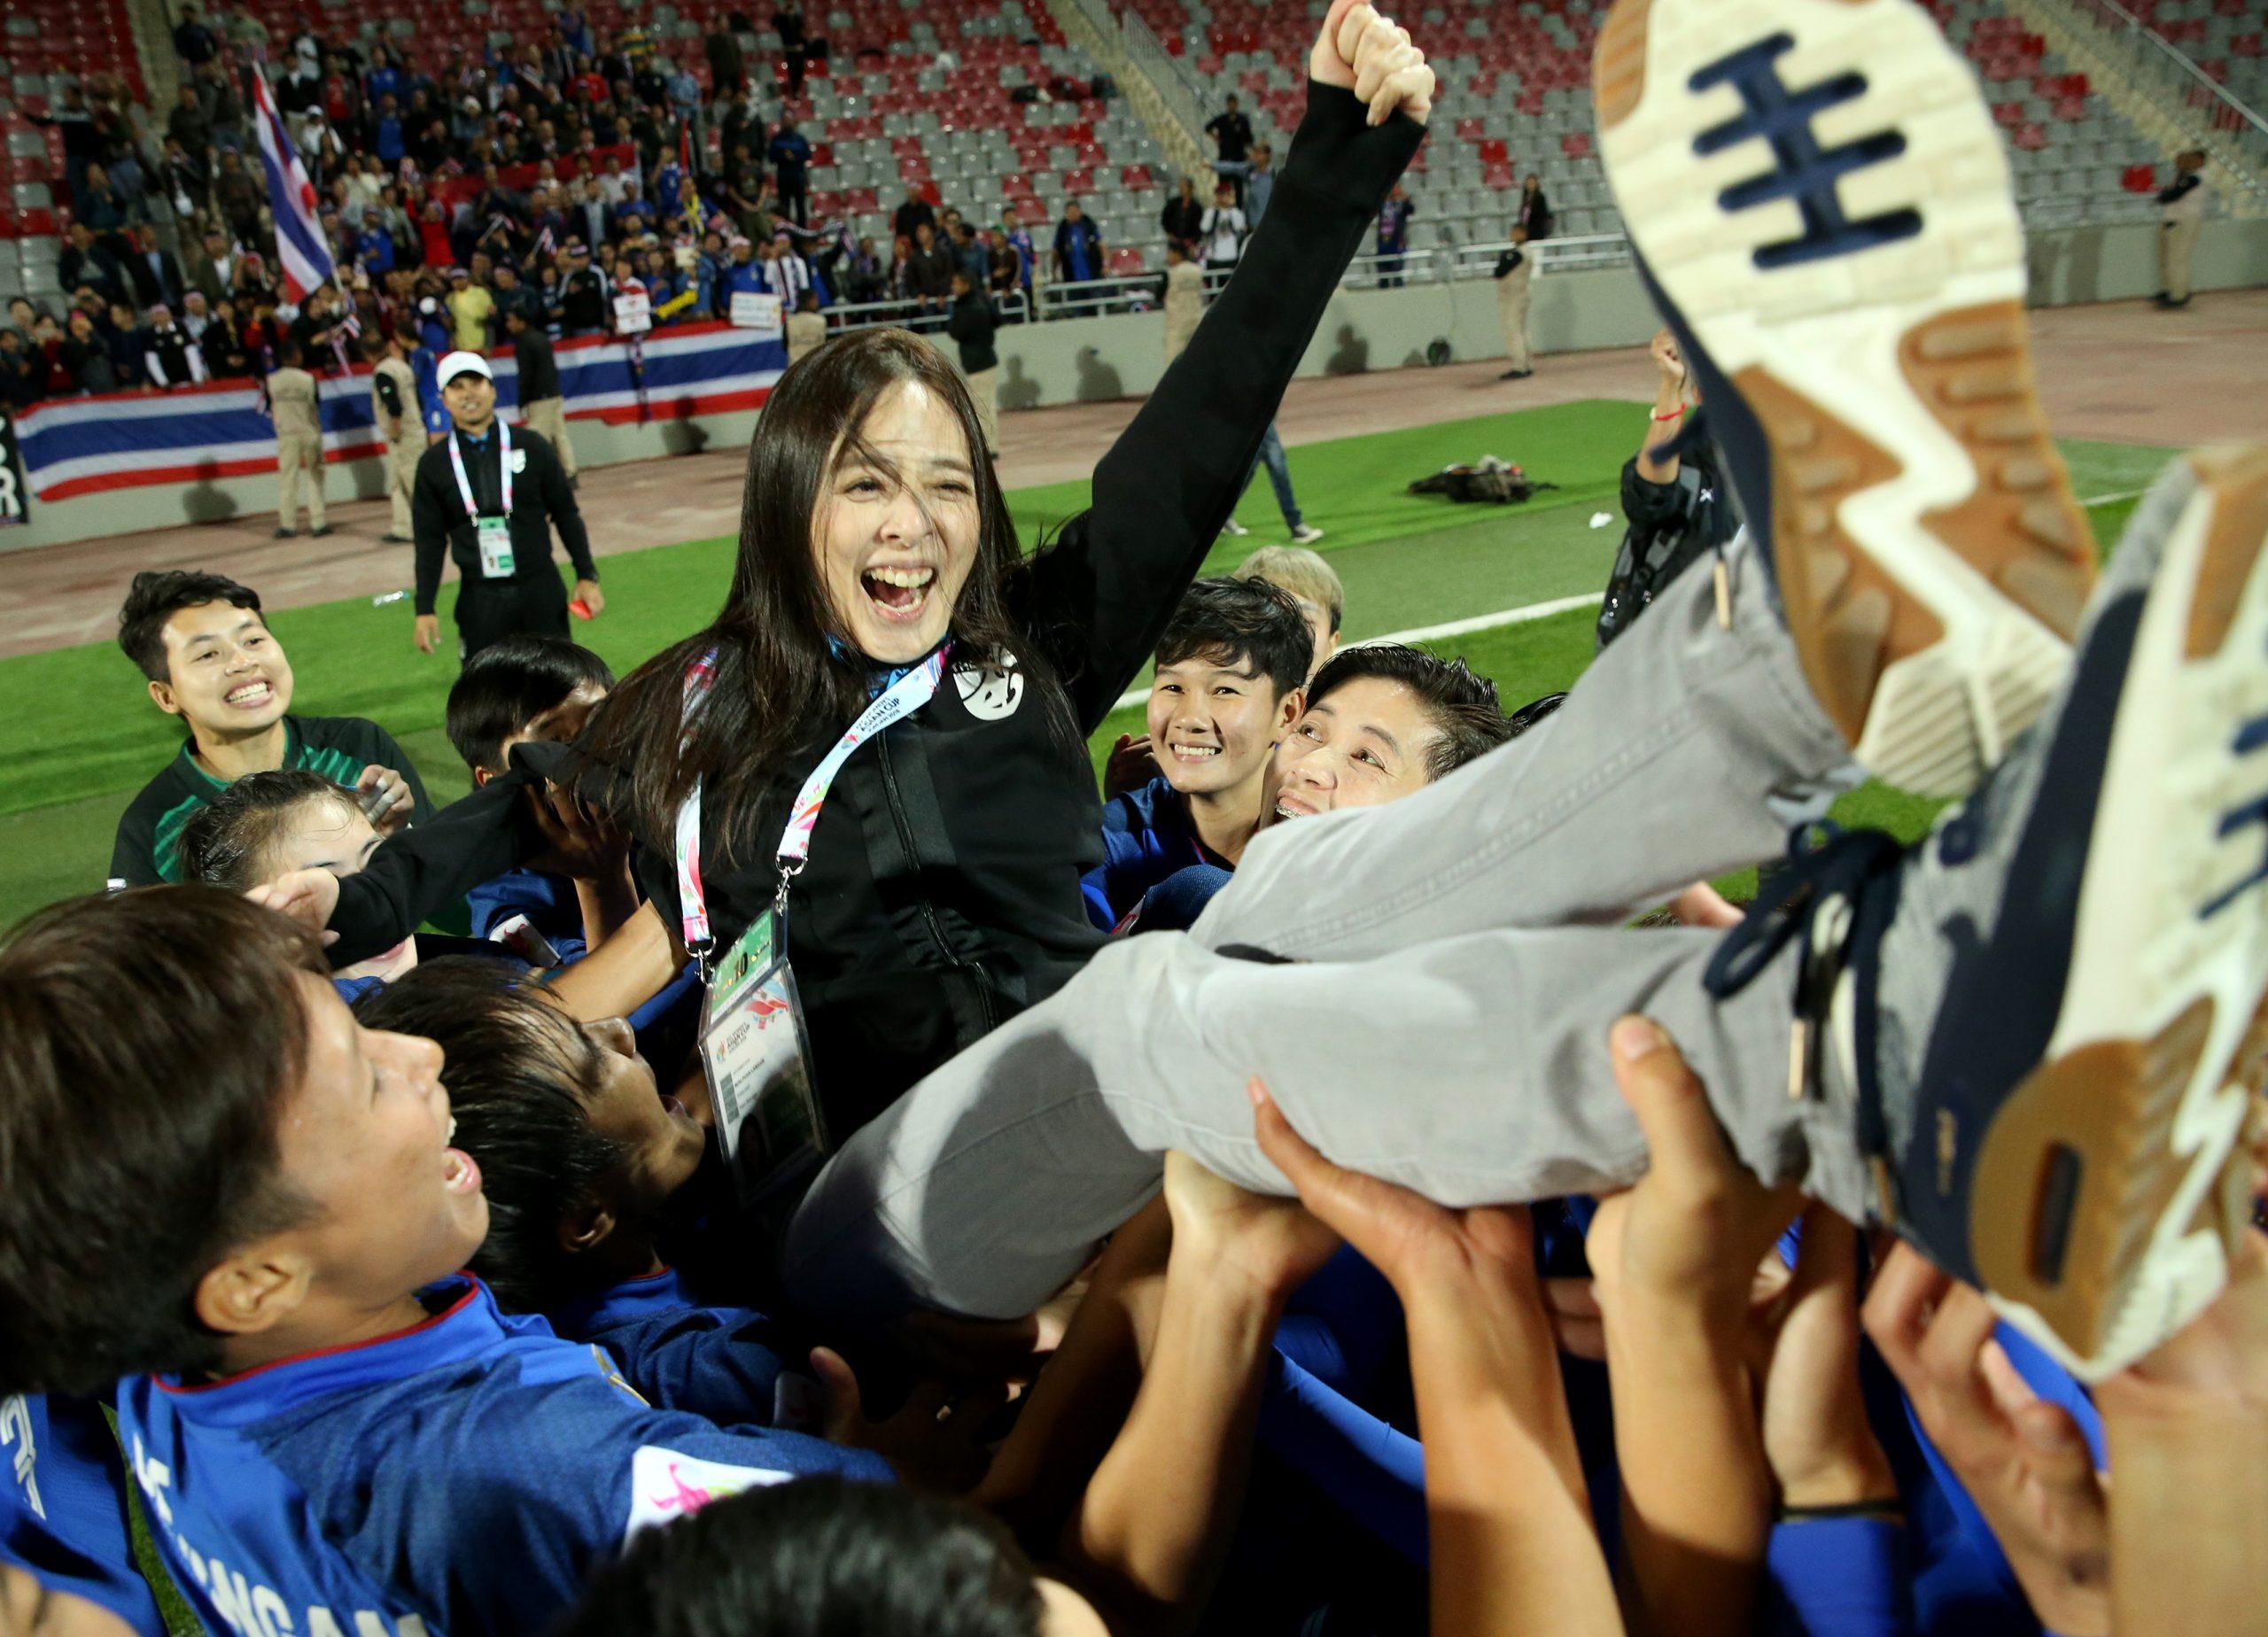 นวลพรรณ ล่ำซำ ฟุตบอลทีมชาติไทย ฟุตบอลหญิงชิงแชมป์โลก 2019 มาดามแป้ง